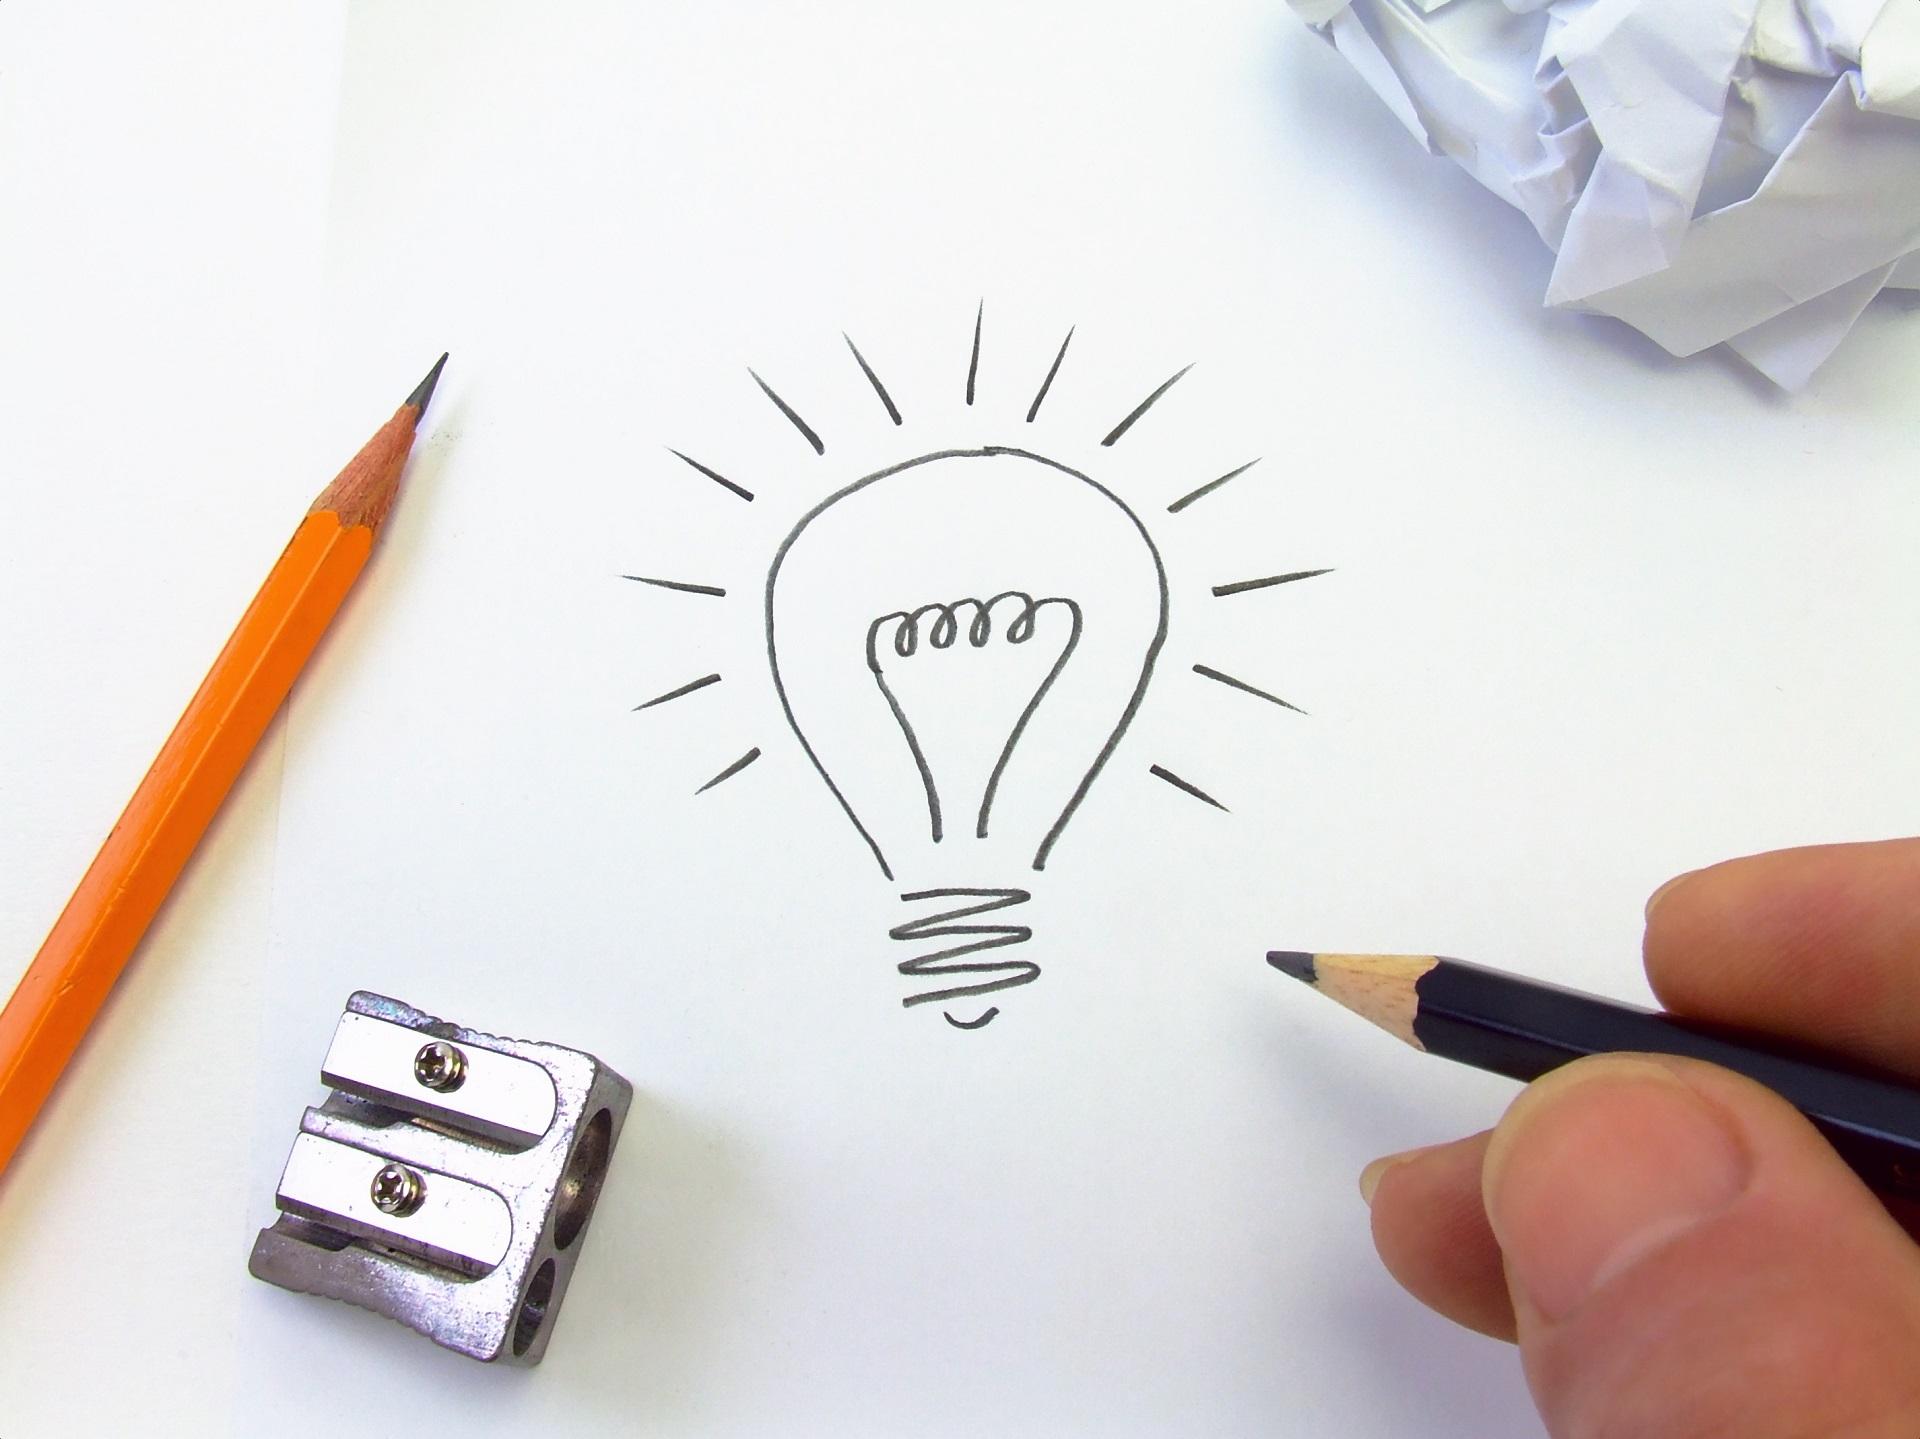 15 ý tưởng kinh doanh nhỏ lẻ tại nhà hiệu quả năm 2020